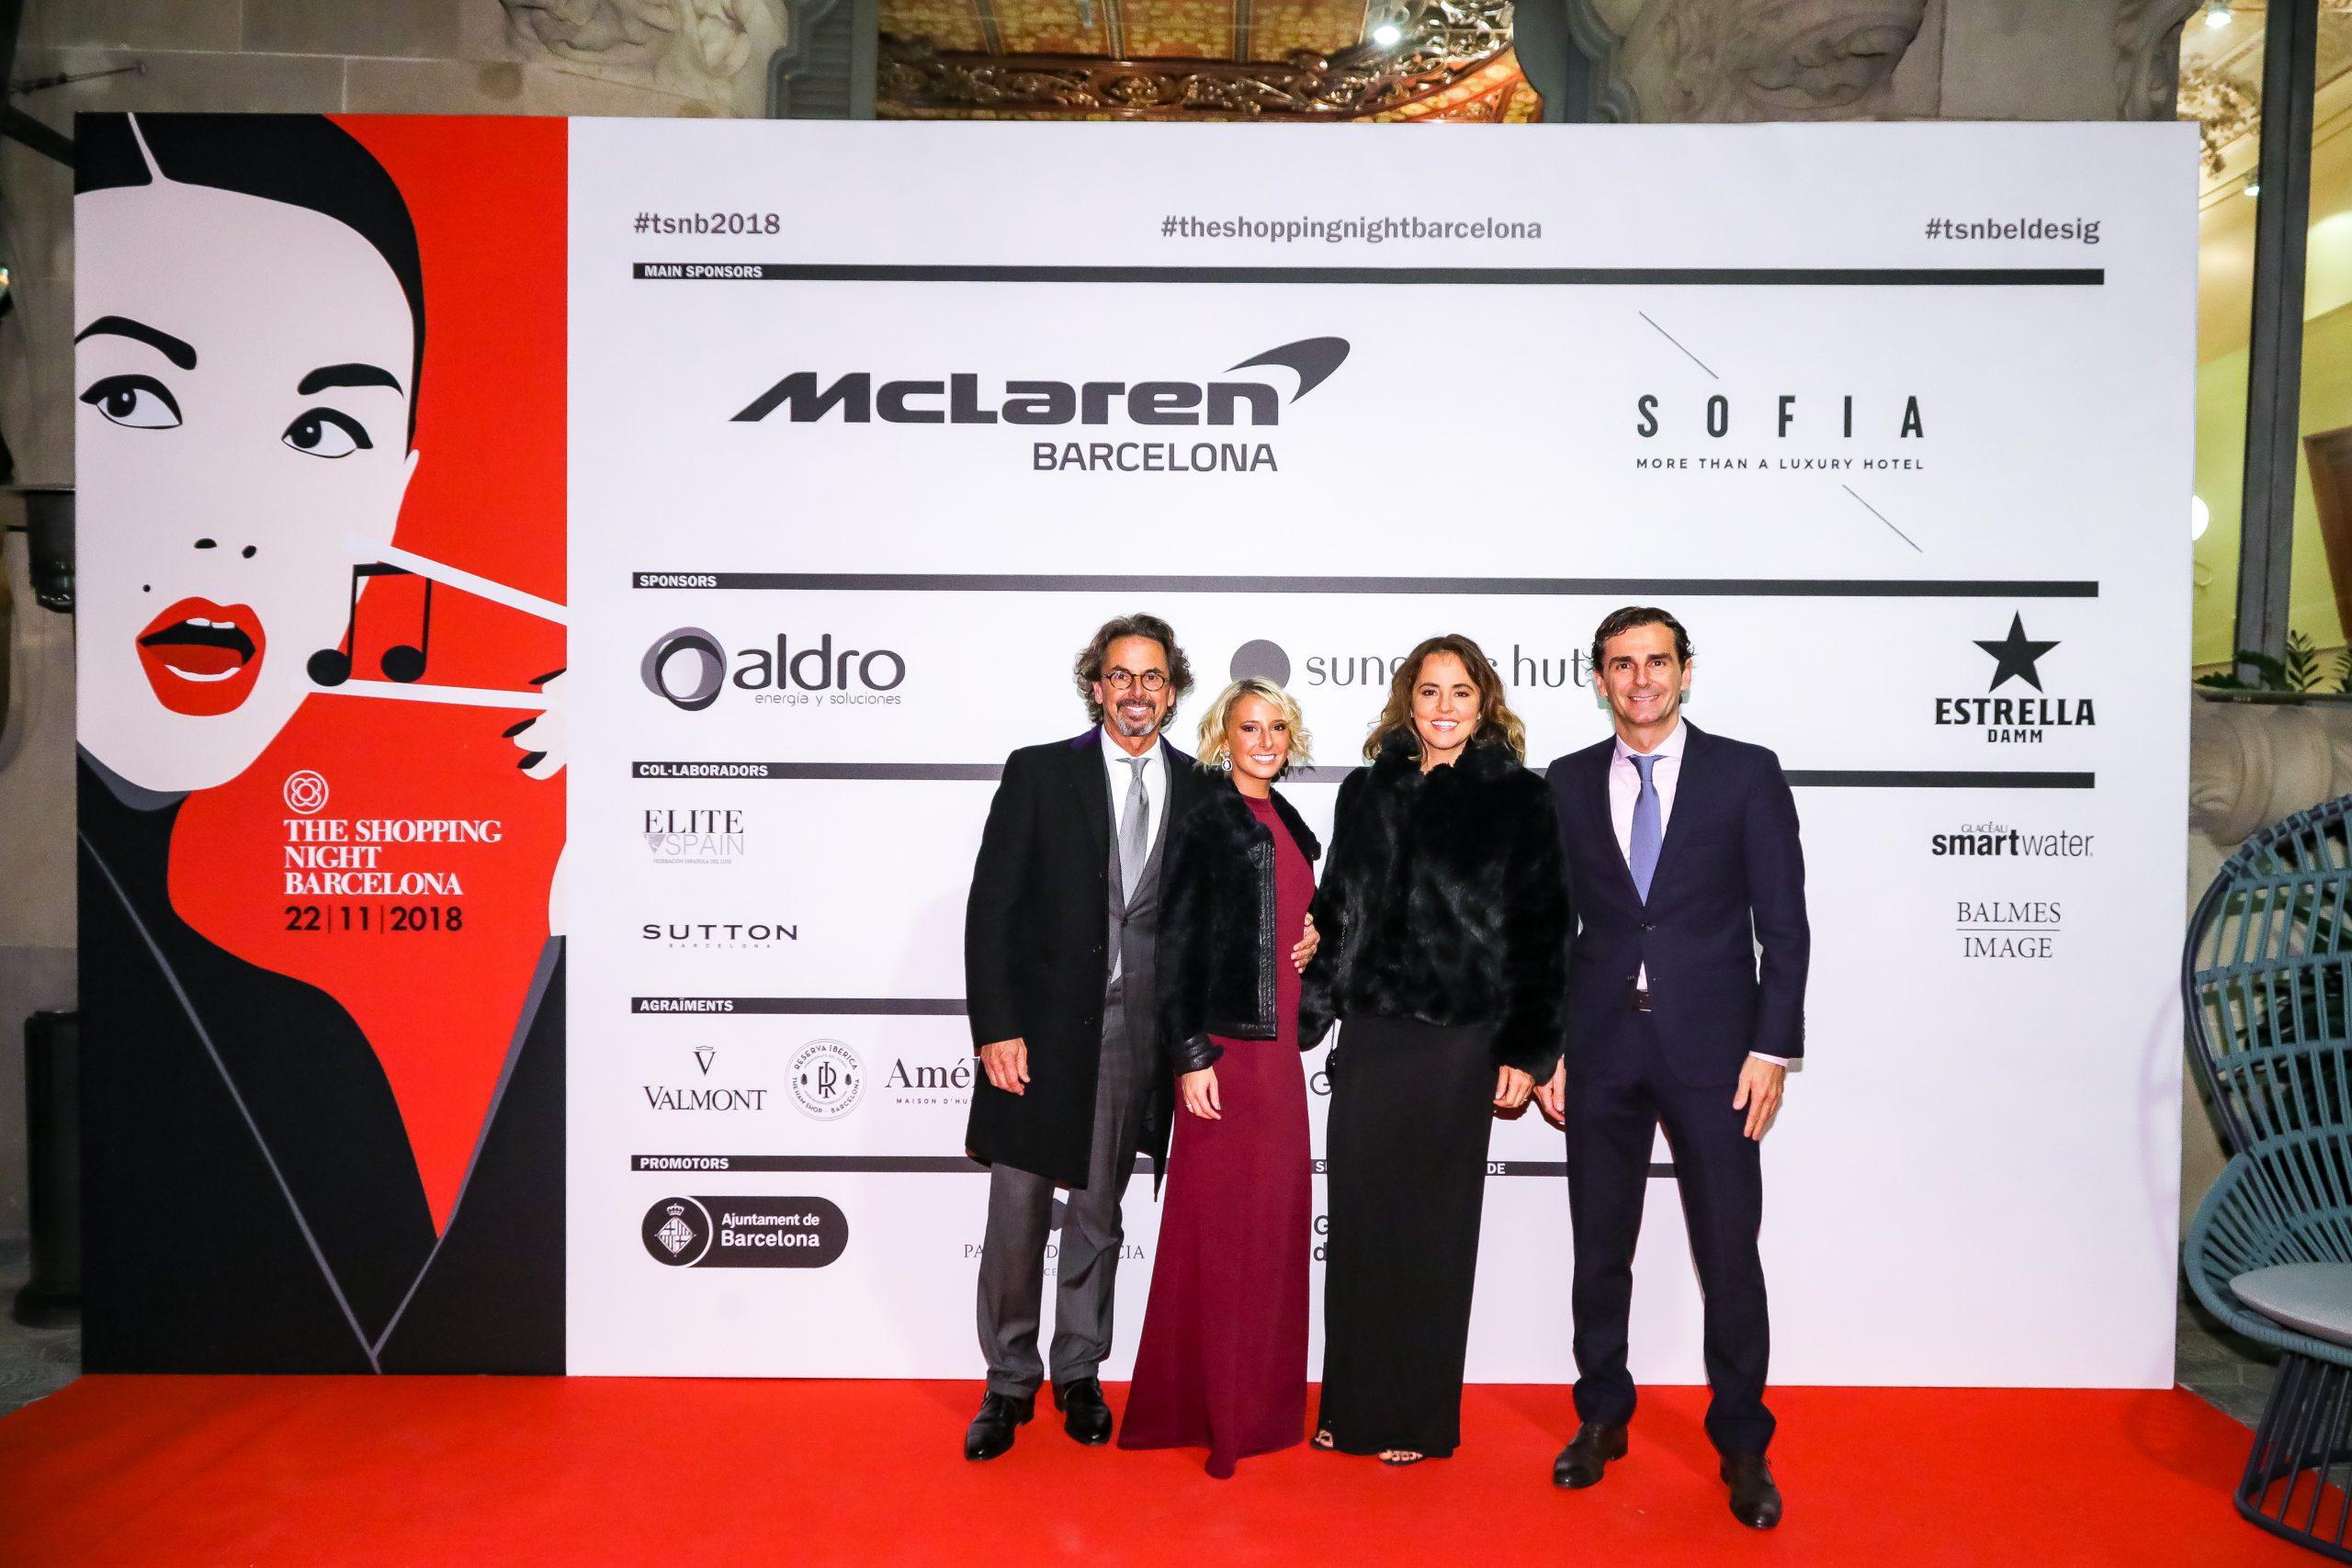 BL1A0859 scaled McLaren Barcelona en la Shopping Night